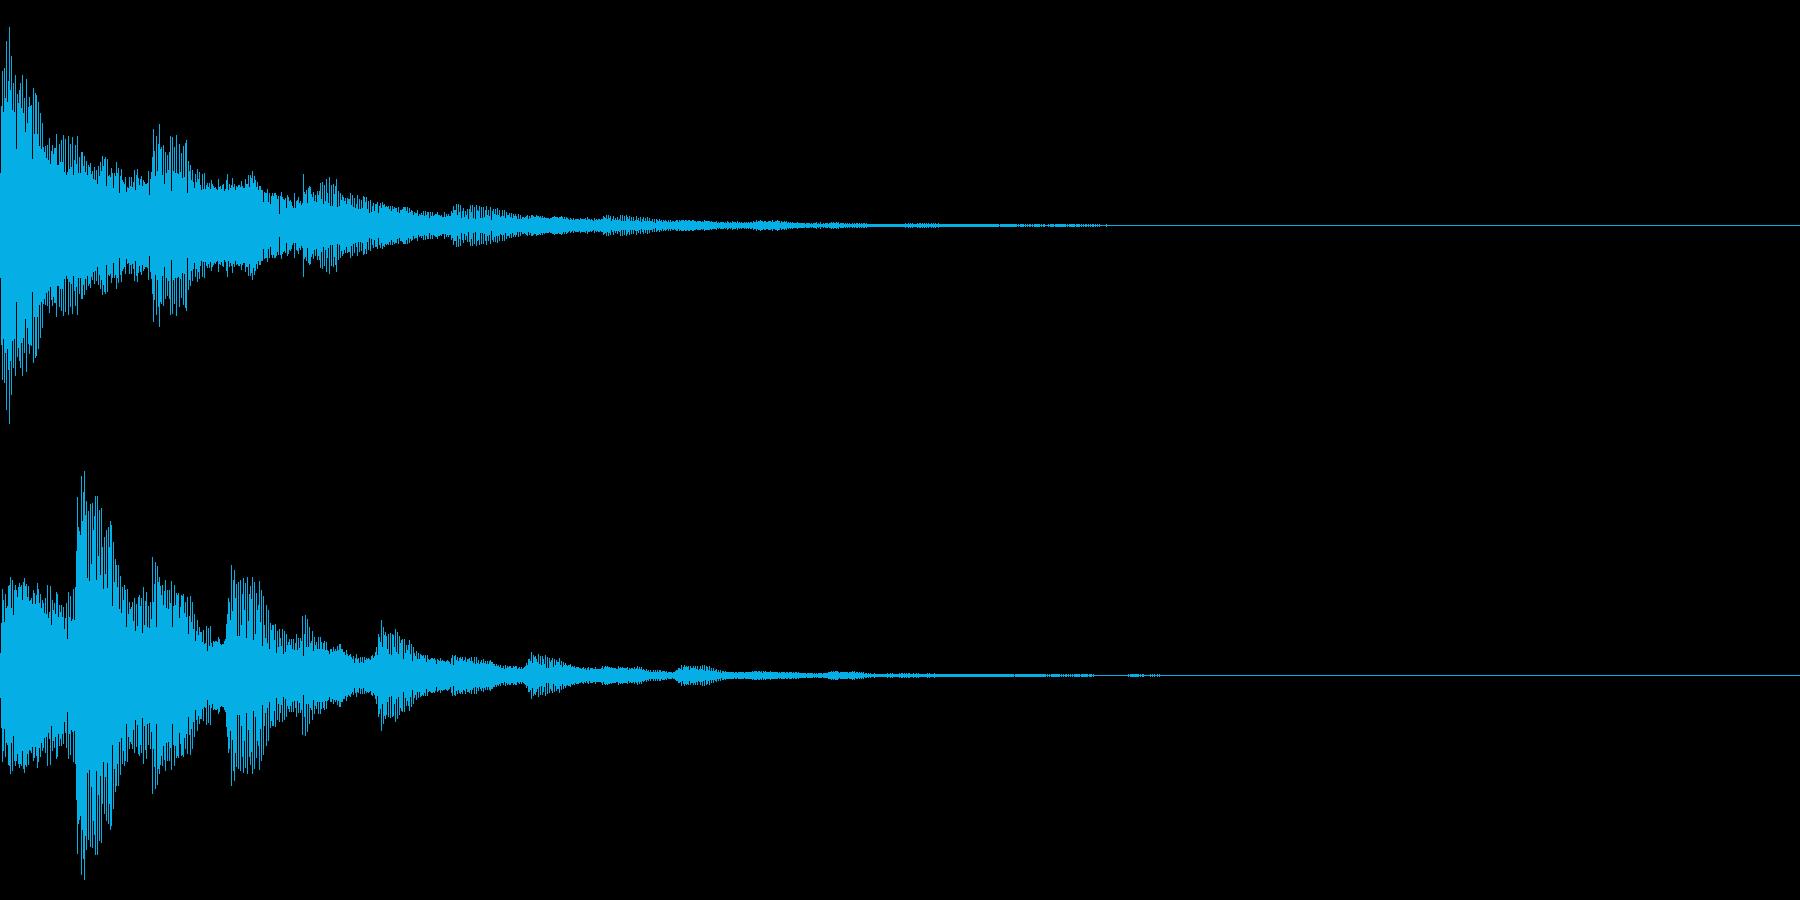 ピアノの響き 確信 可能性 希望 とーんの再生済みの波形